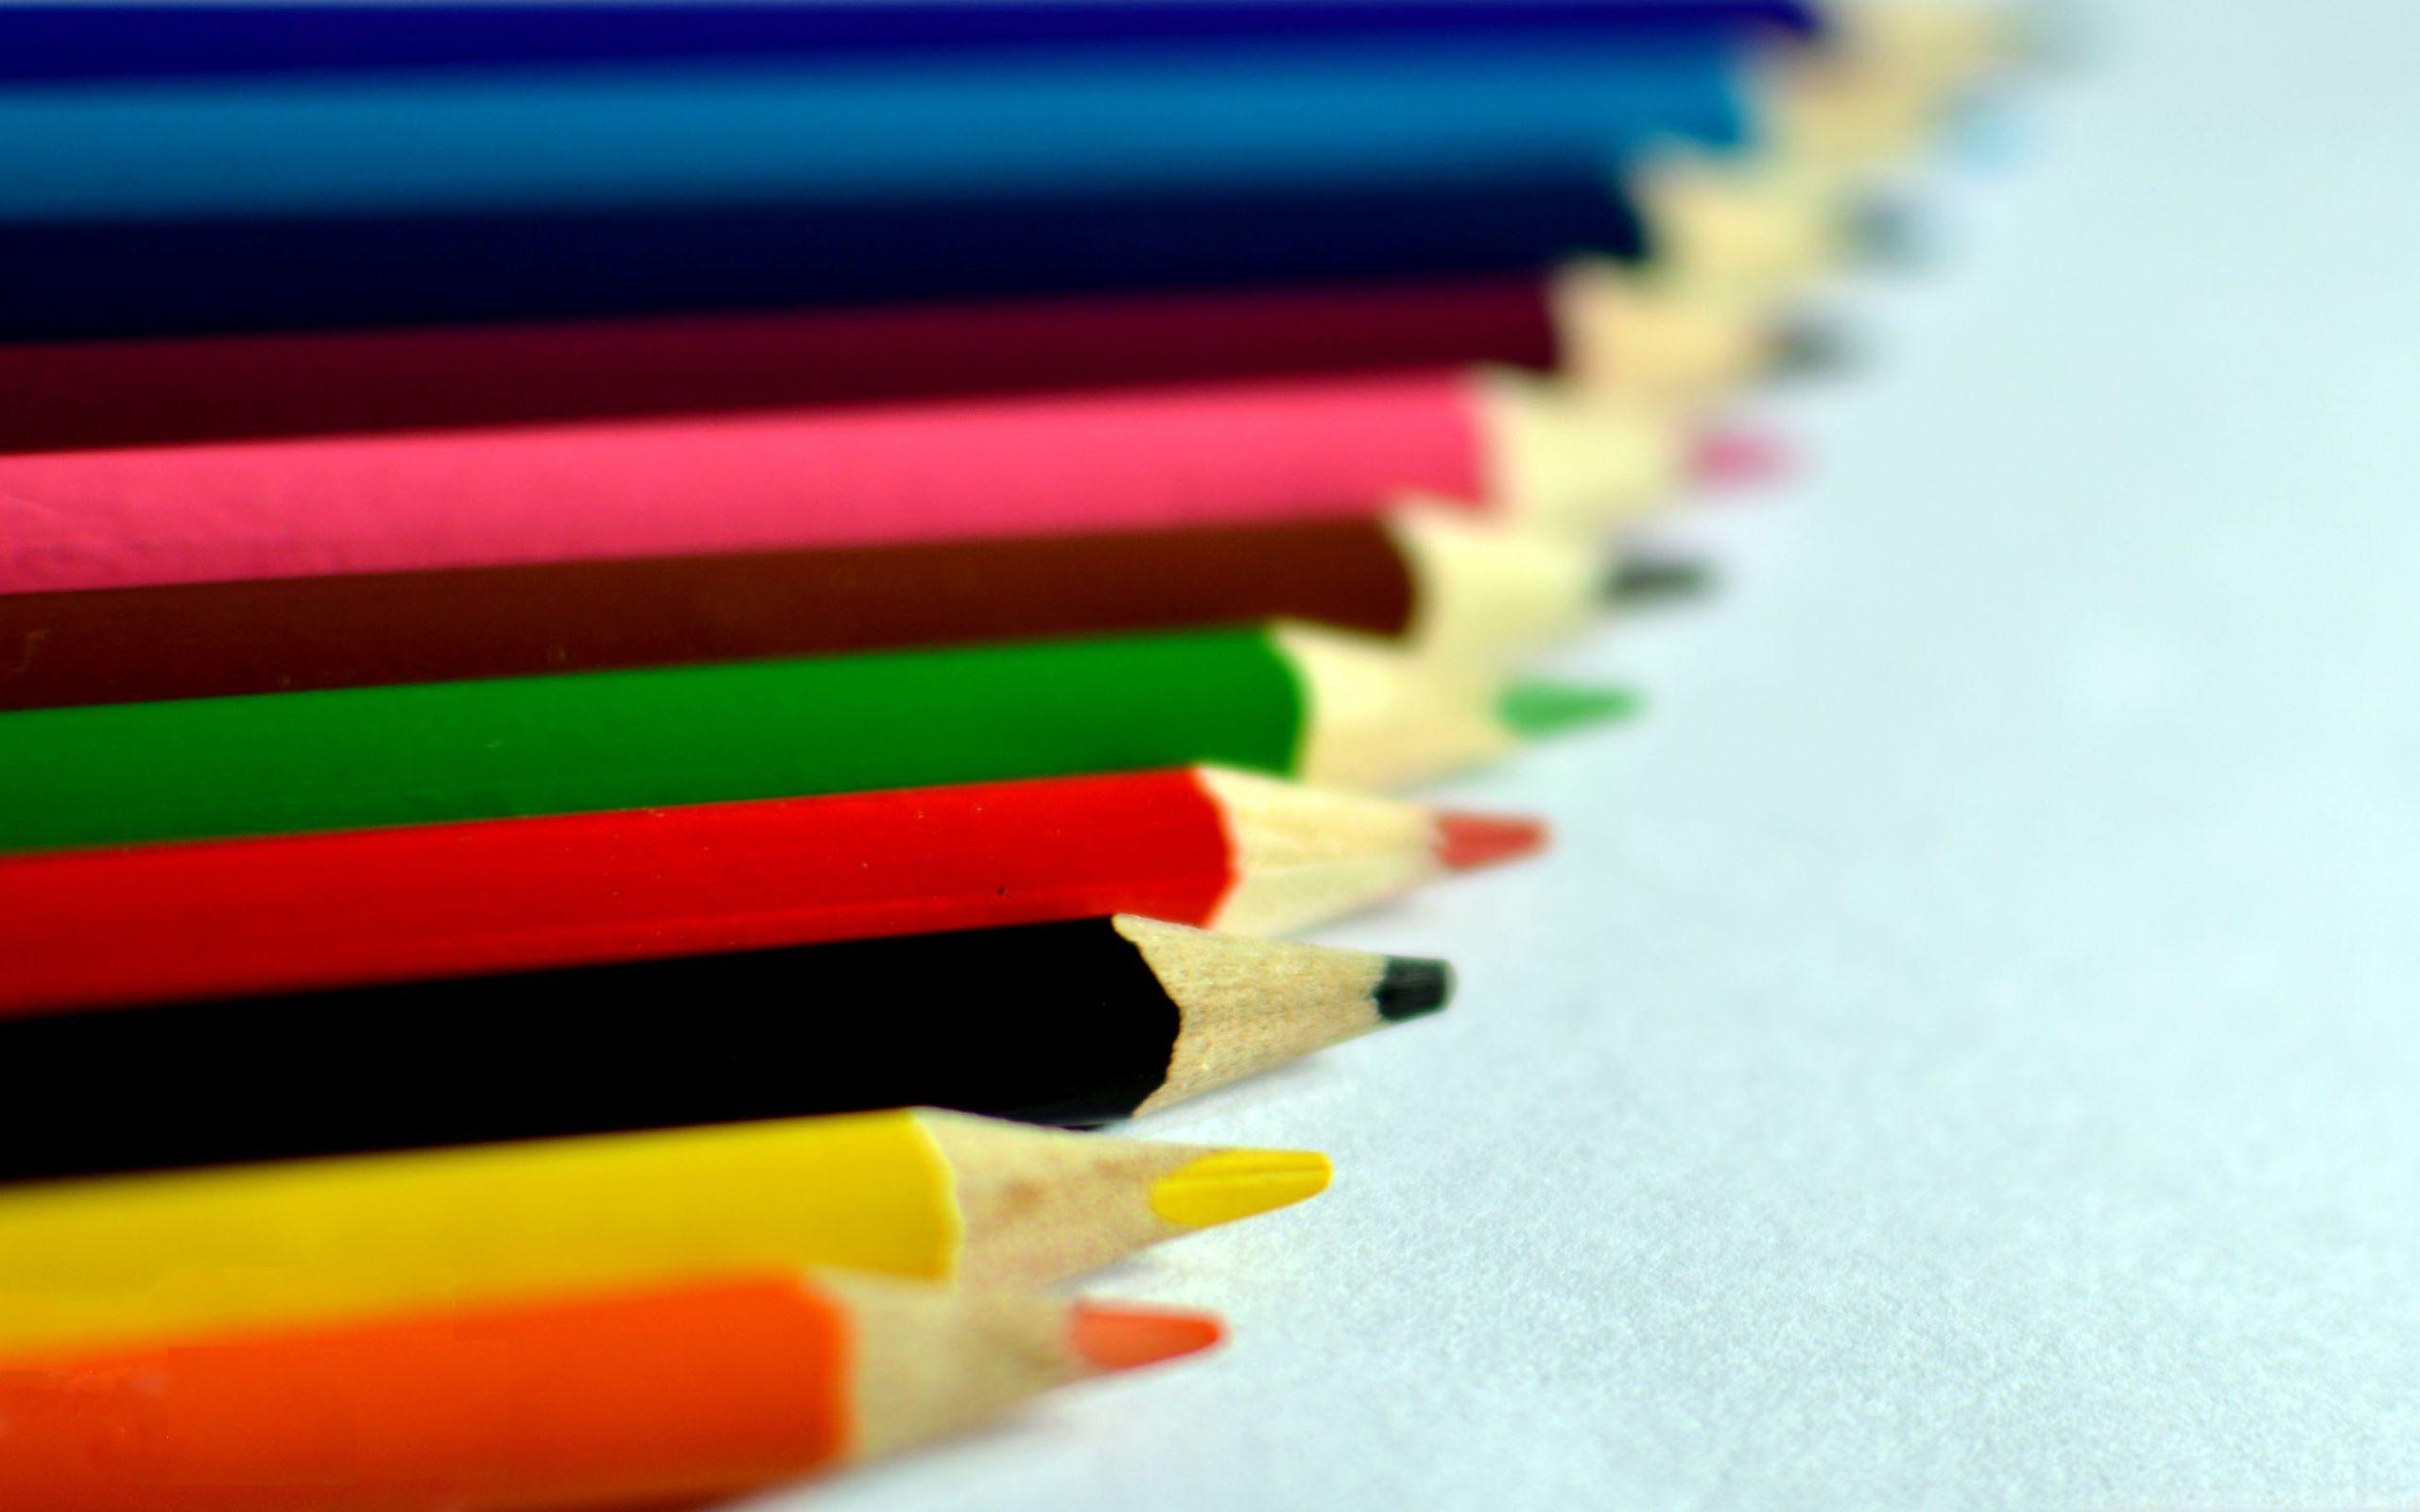 image pencil